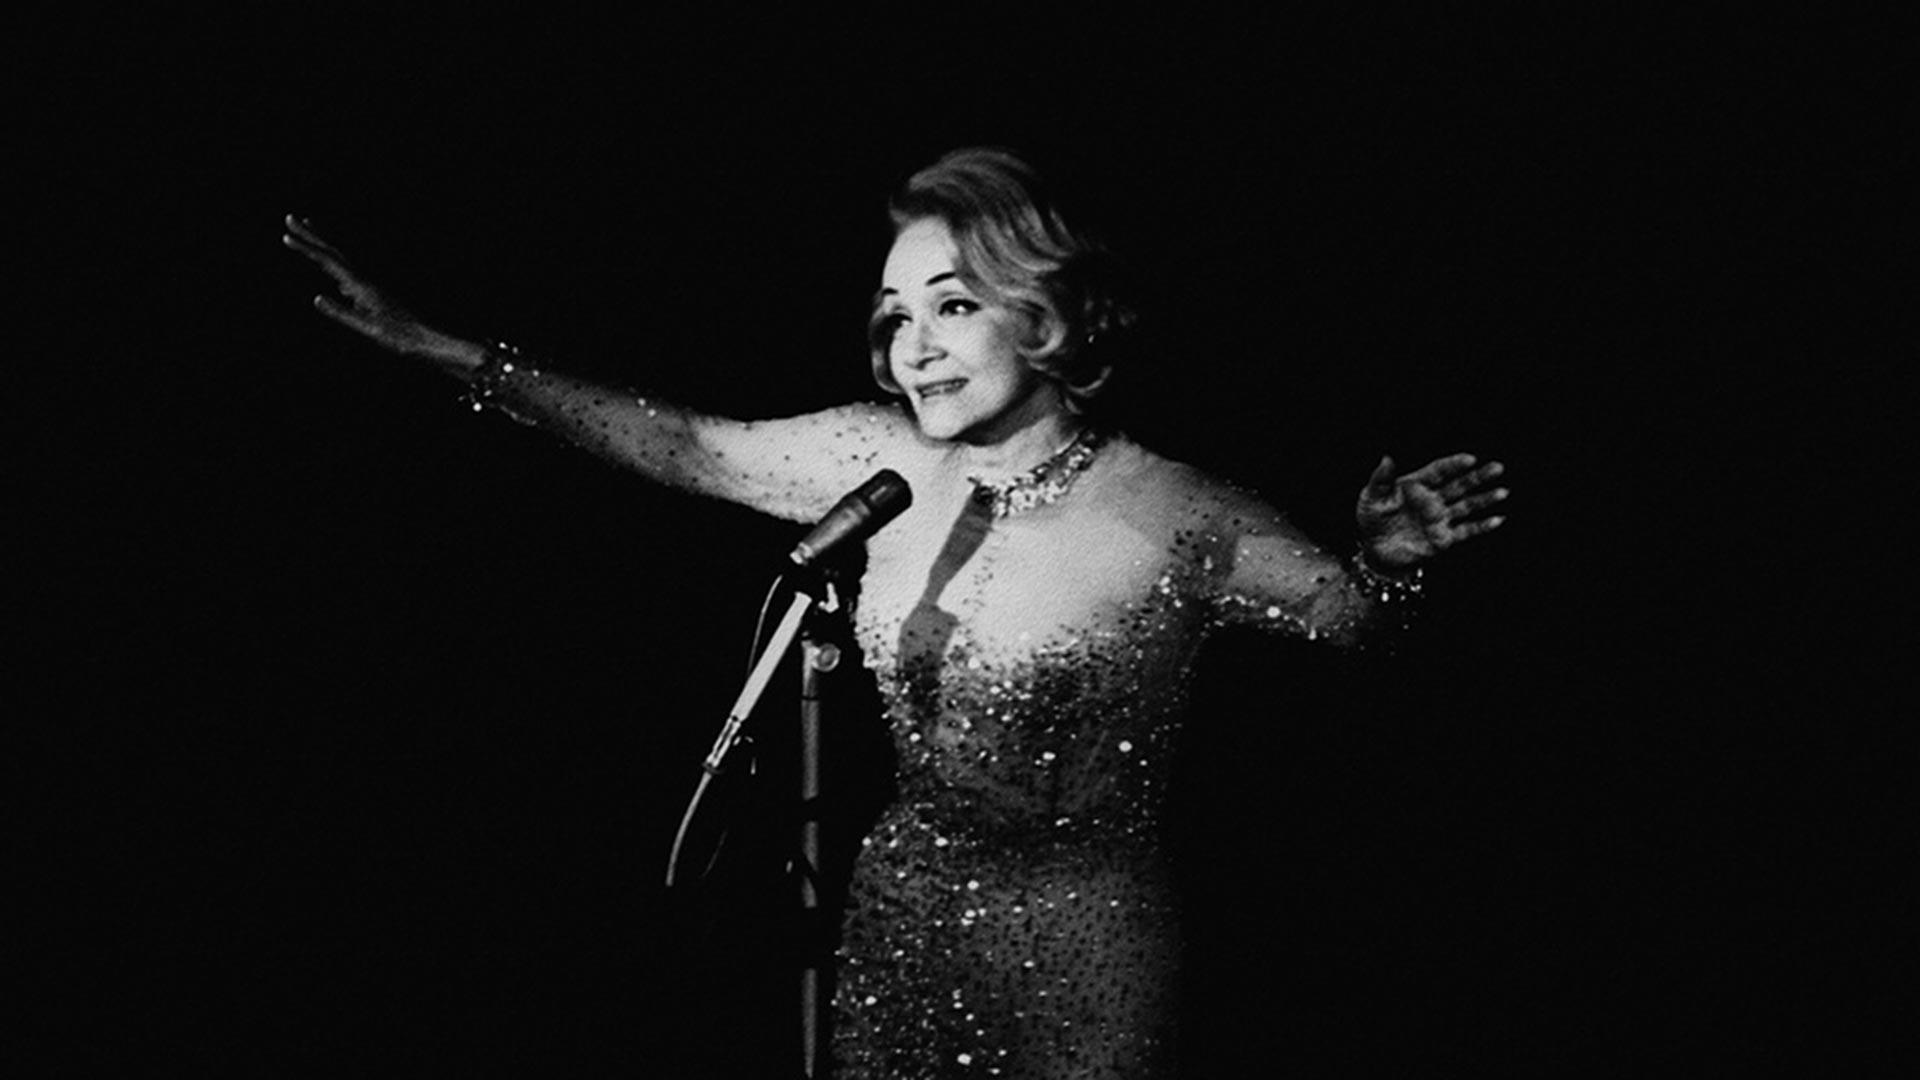 Marlene Dietrich während ihrer Tournee 1964 in die UdSSR